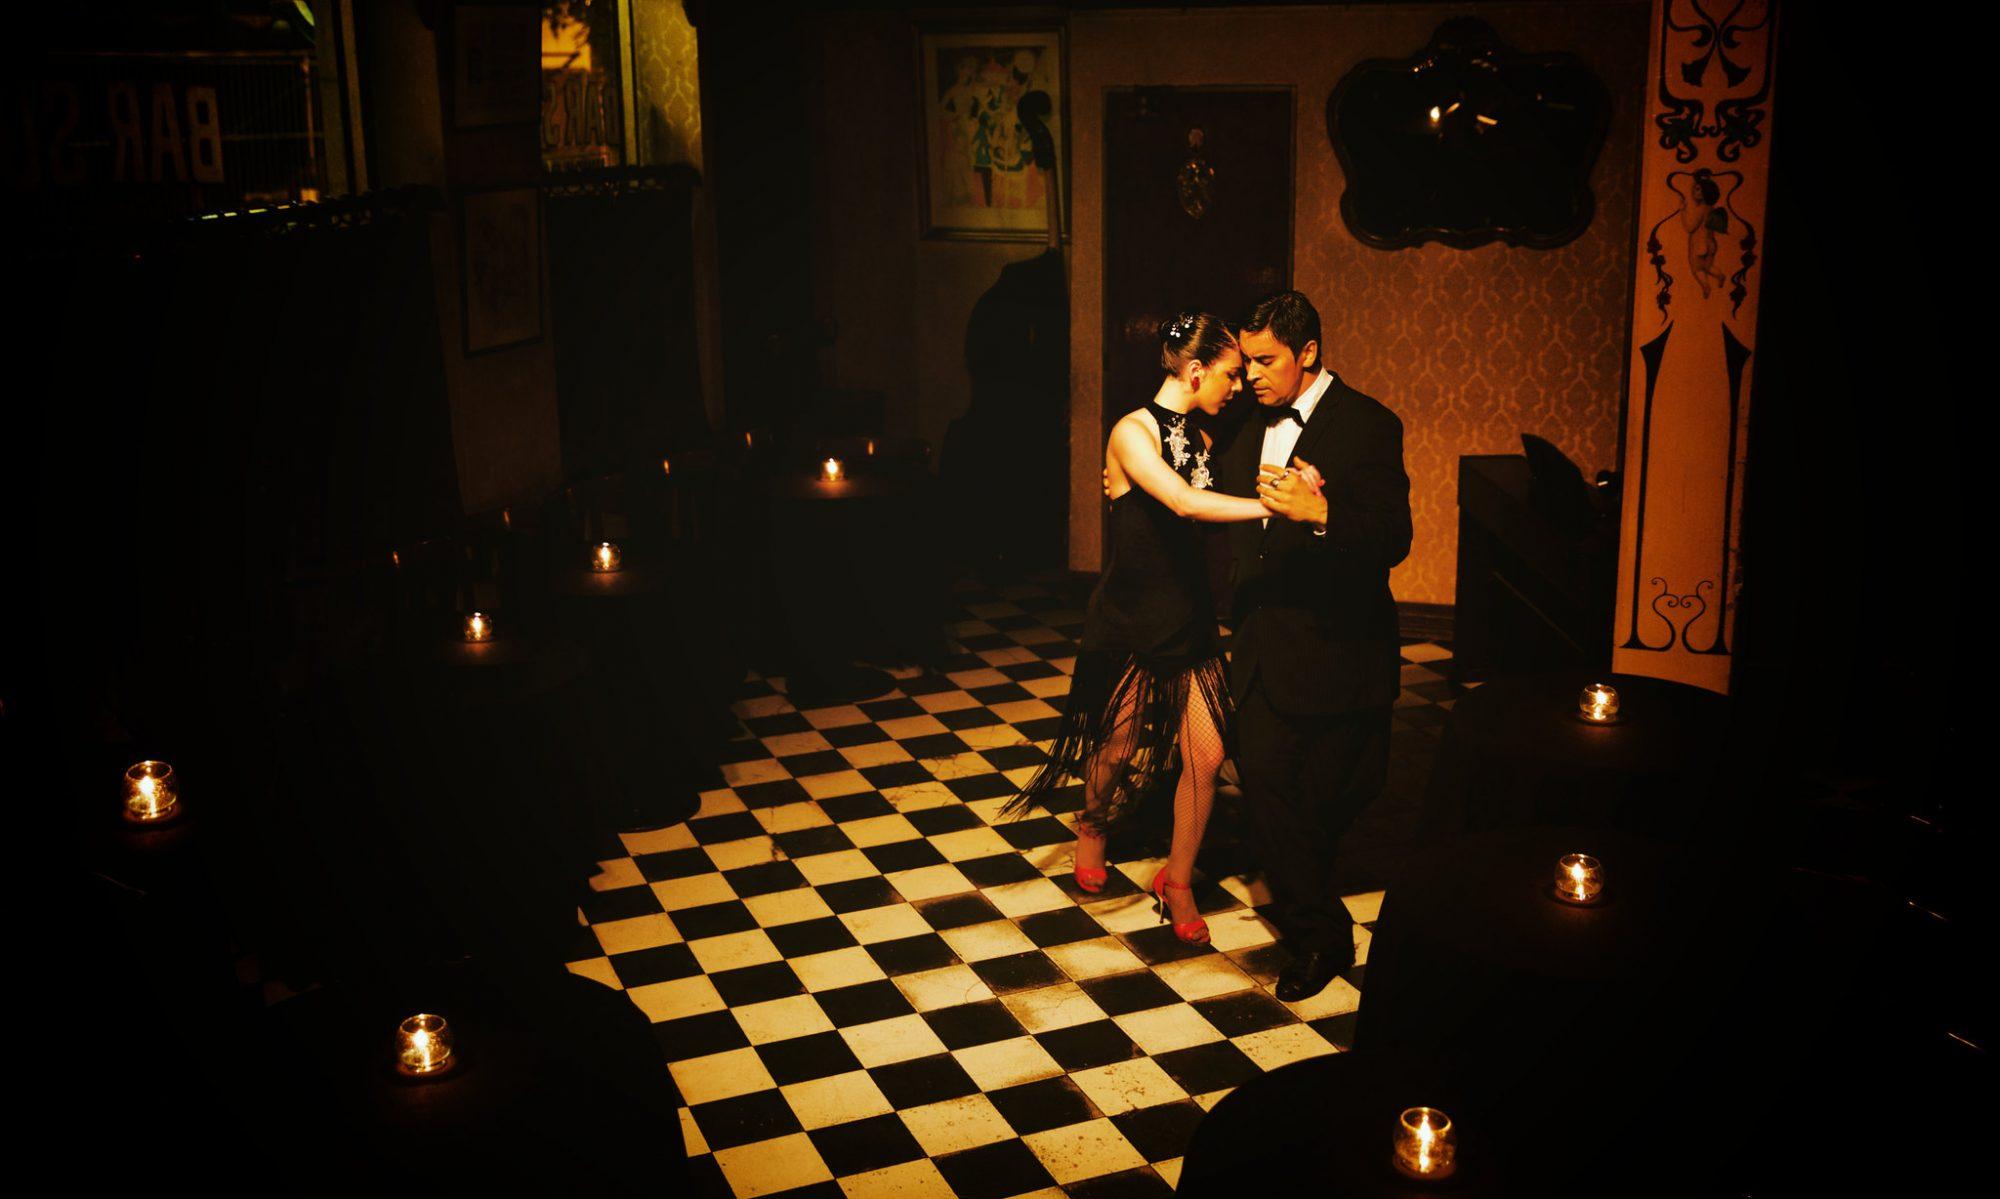 Les fondus de tango